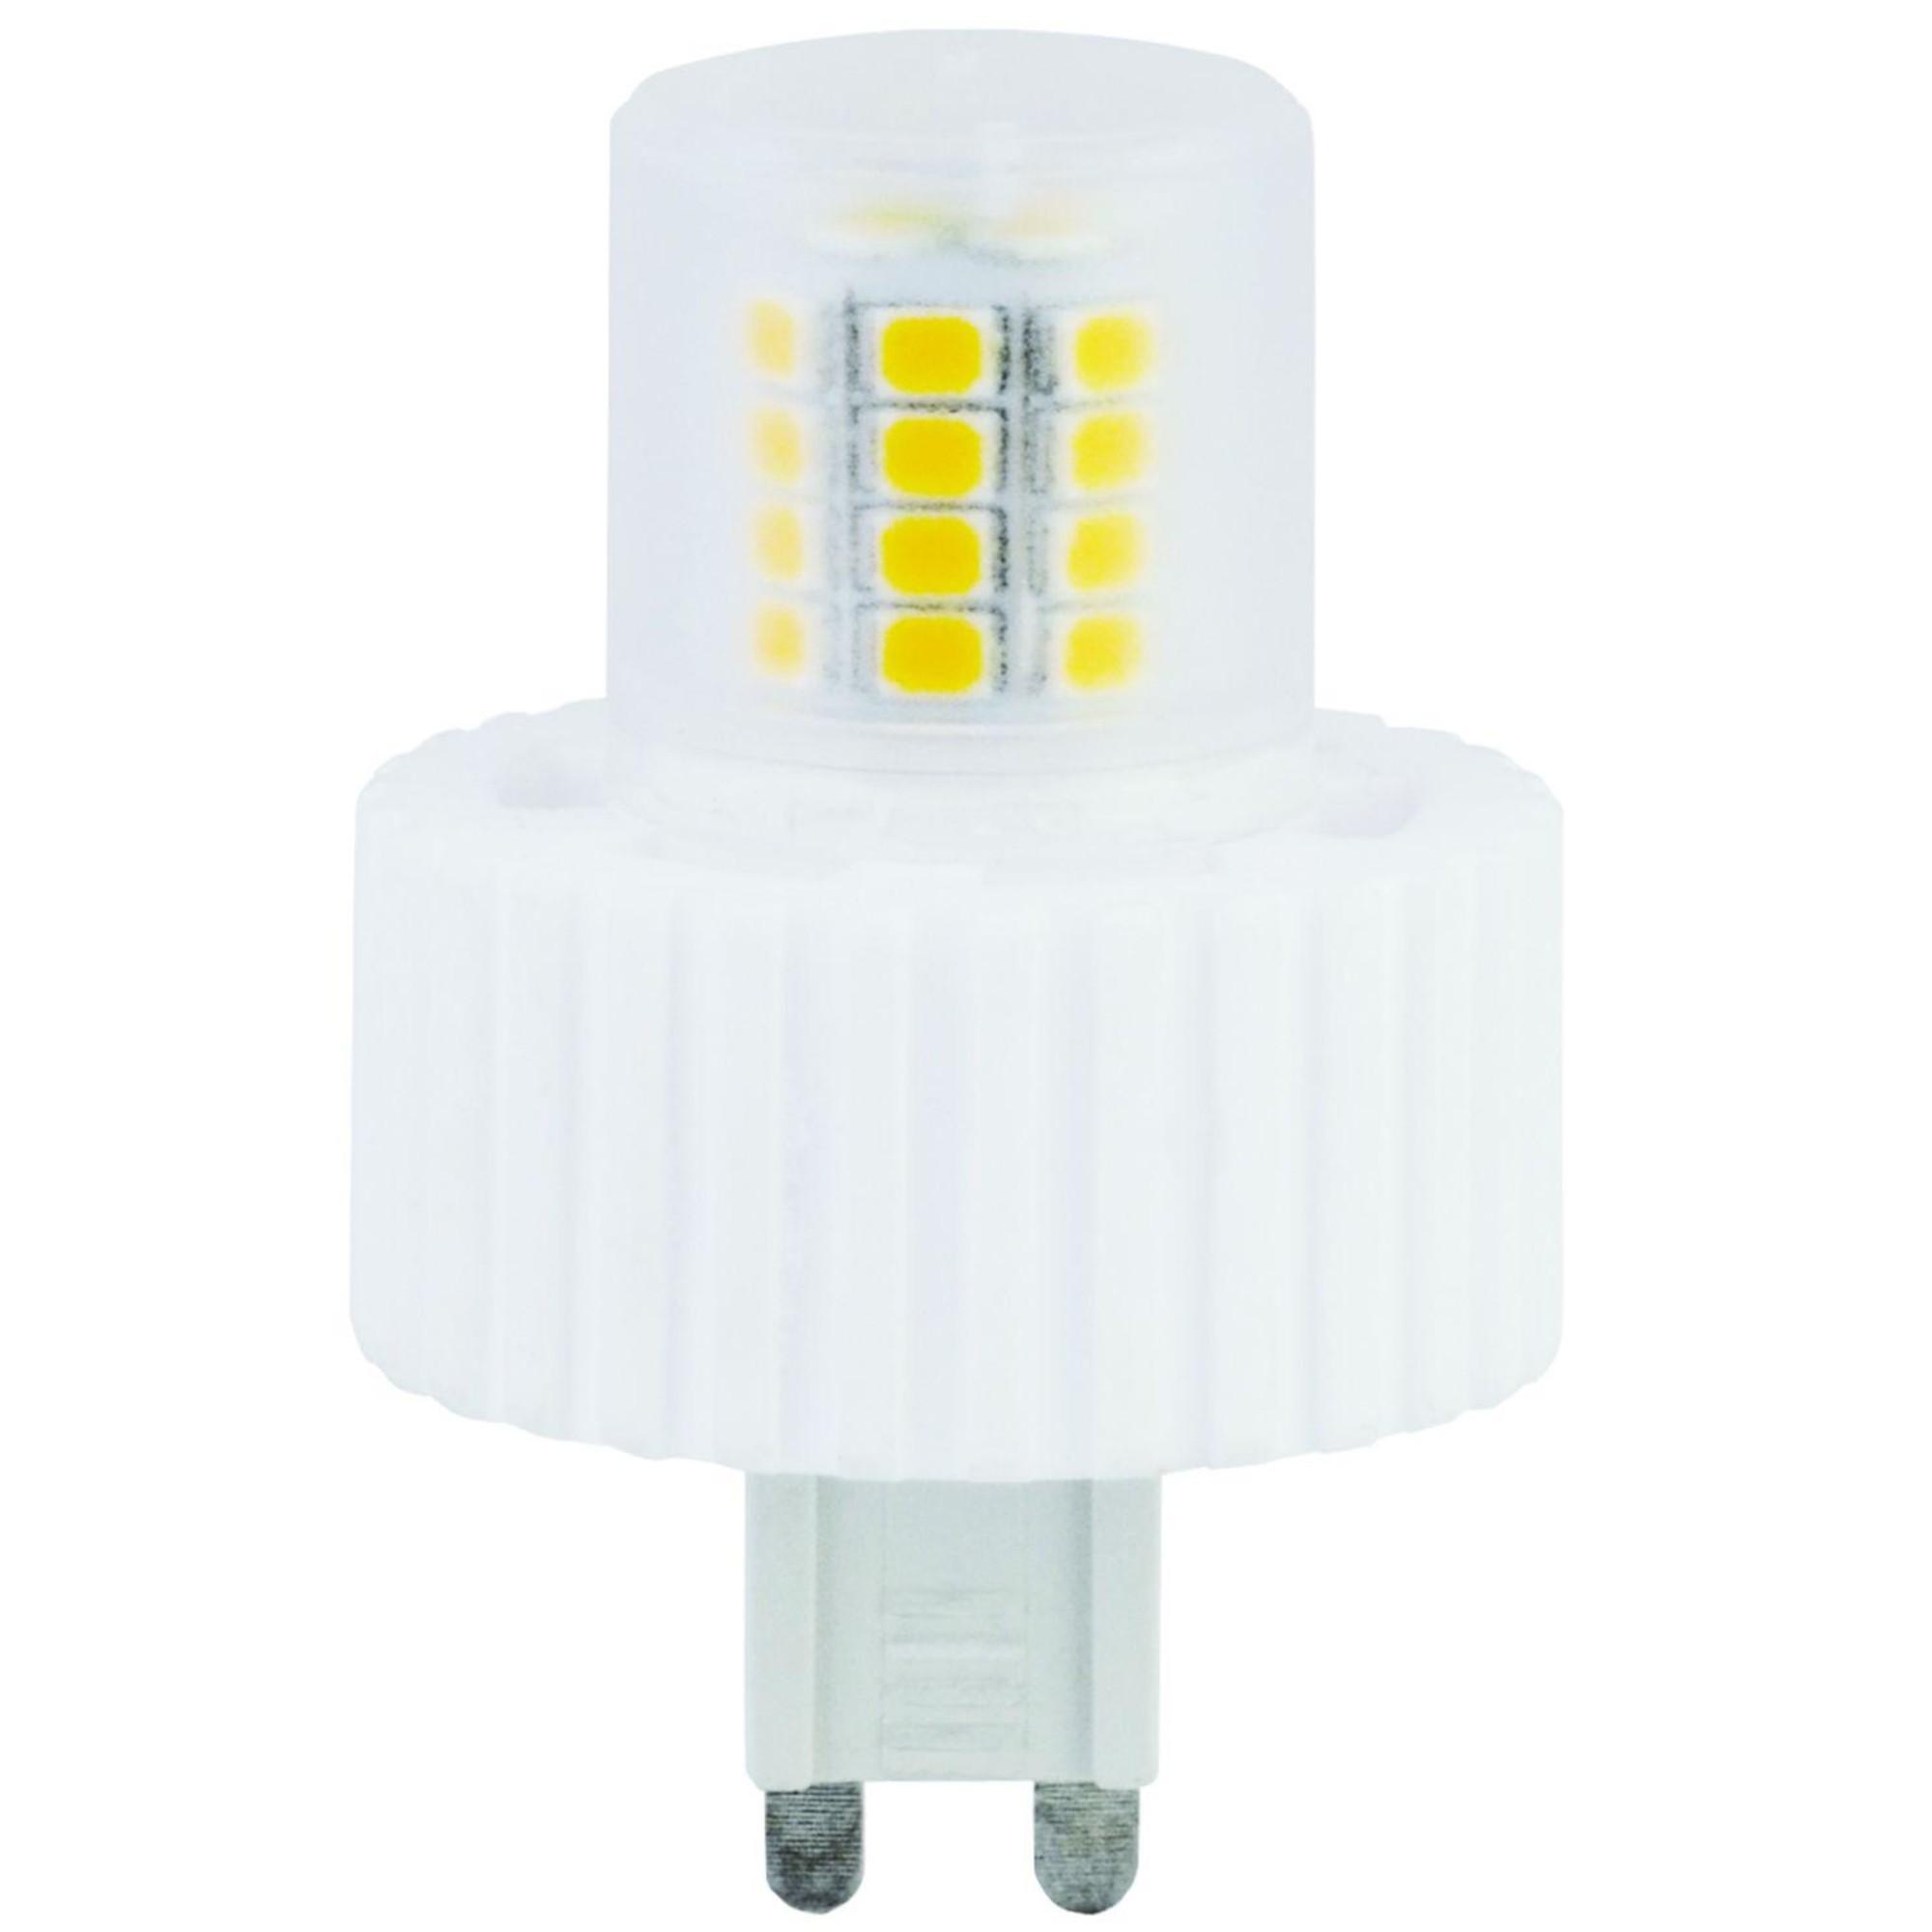 Лампа Ecola стандарт светодионая G9 7.50 Вт капсула 600 Лм нейтральный свет